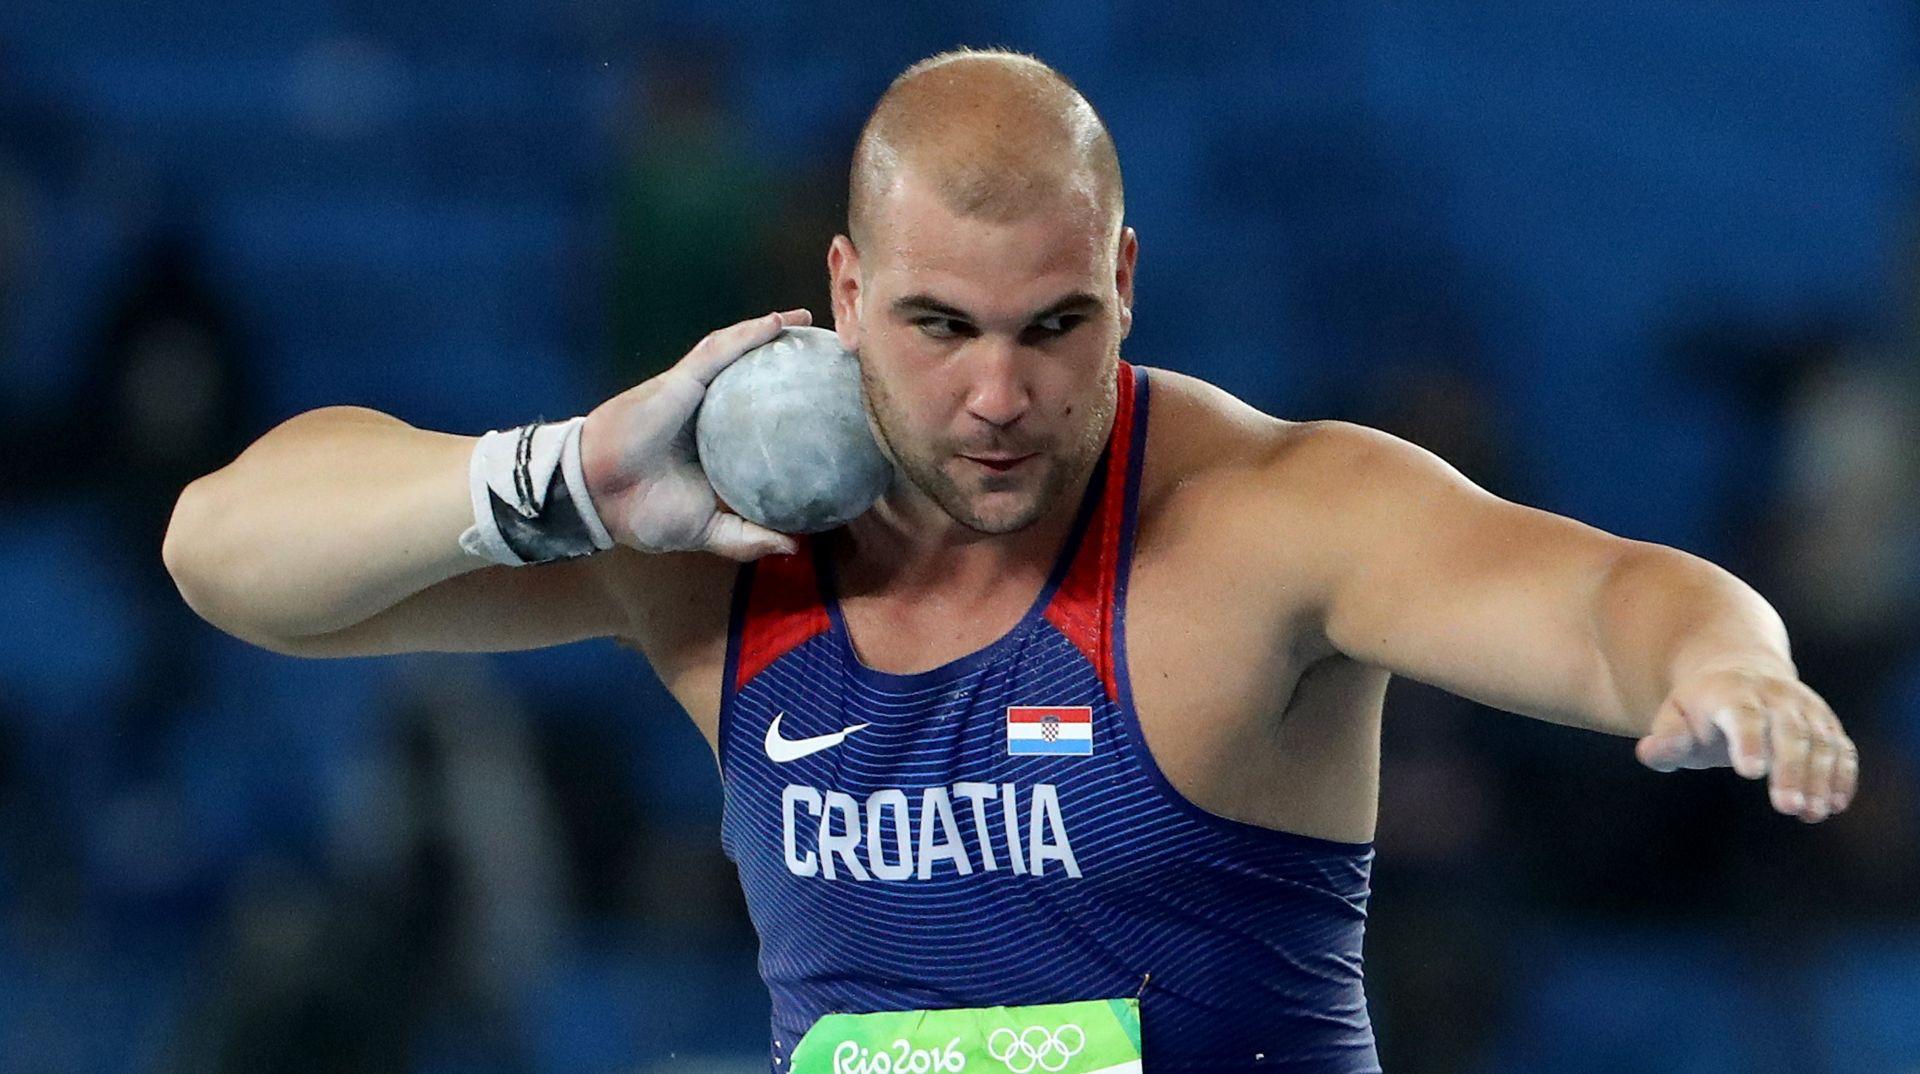 OI BACANJE KUGLE Stipe Žunić 11. u finalu, zlato i olimpijski rekord Crouseru